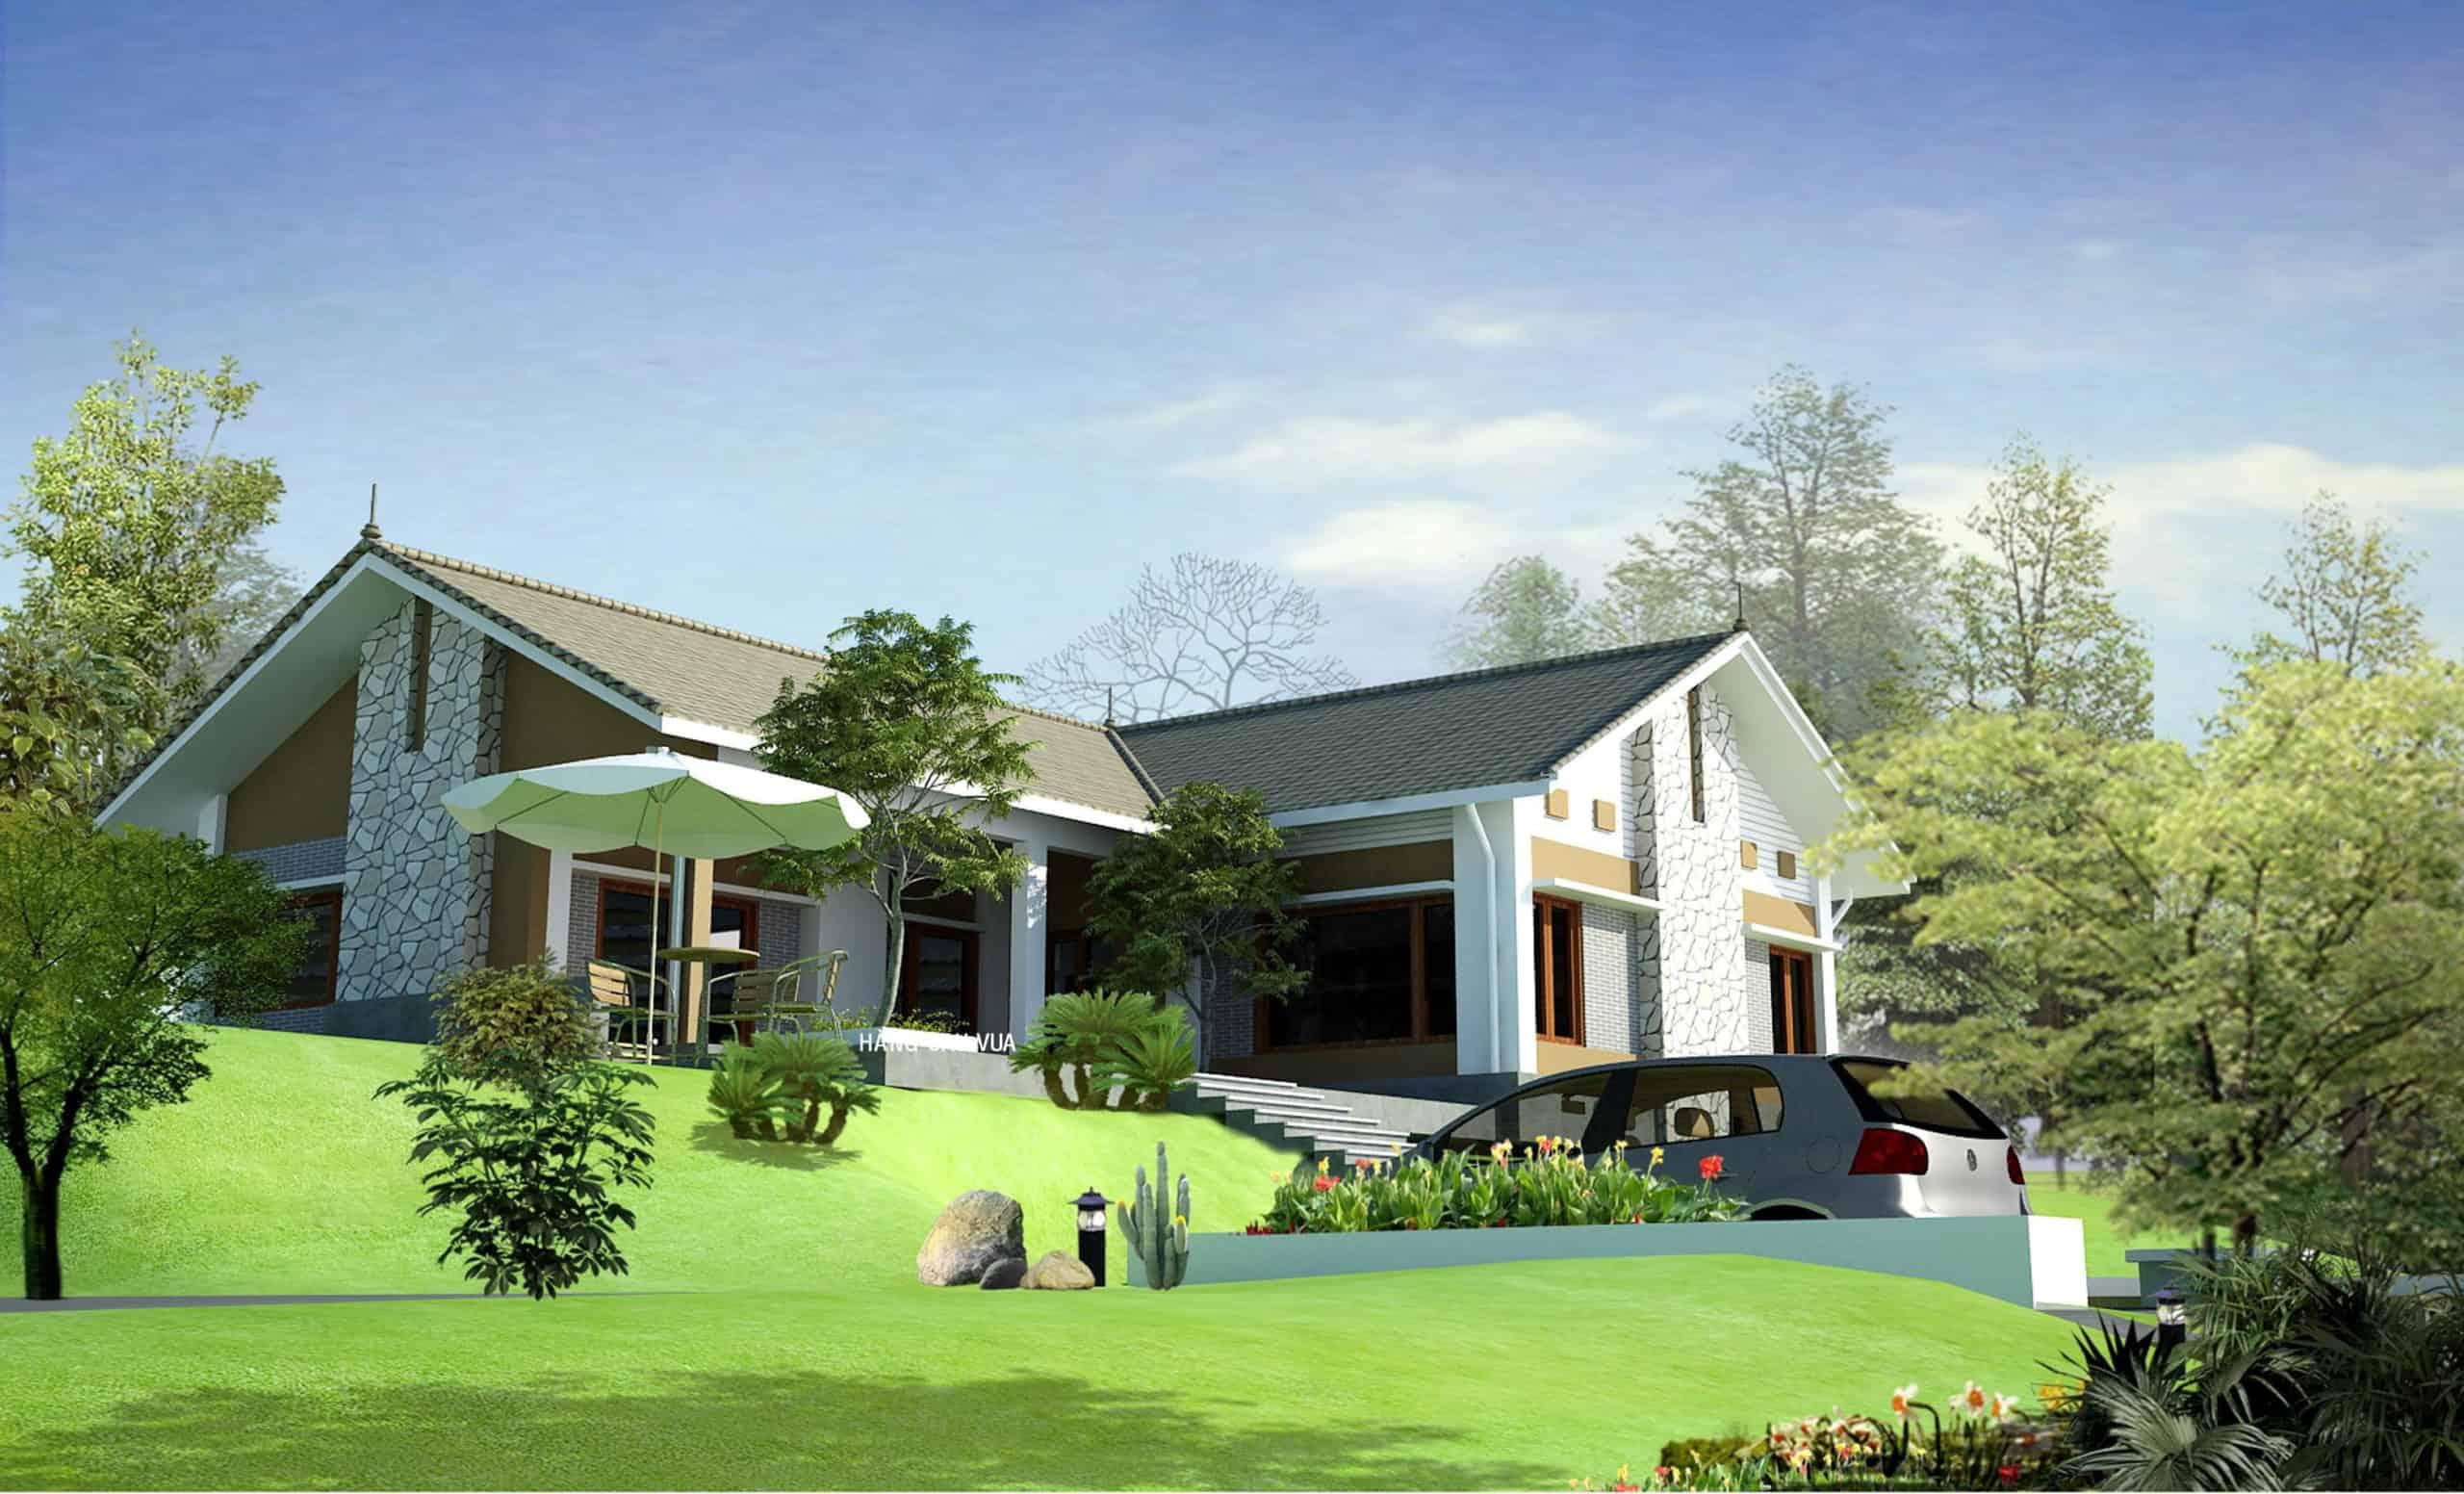 Nhà vườn với các thảm cỏ xanh mát đầy nên thơ